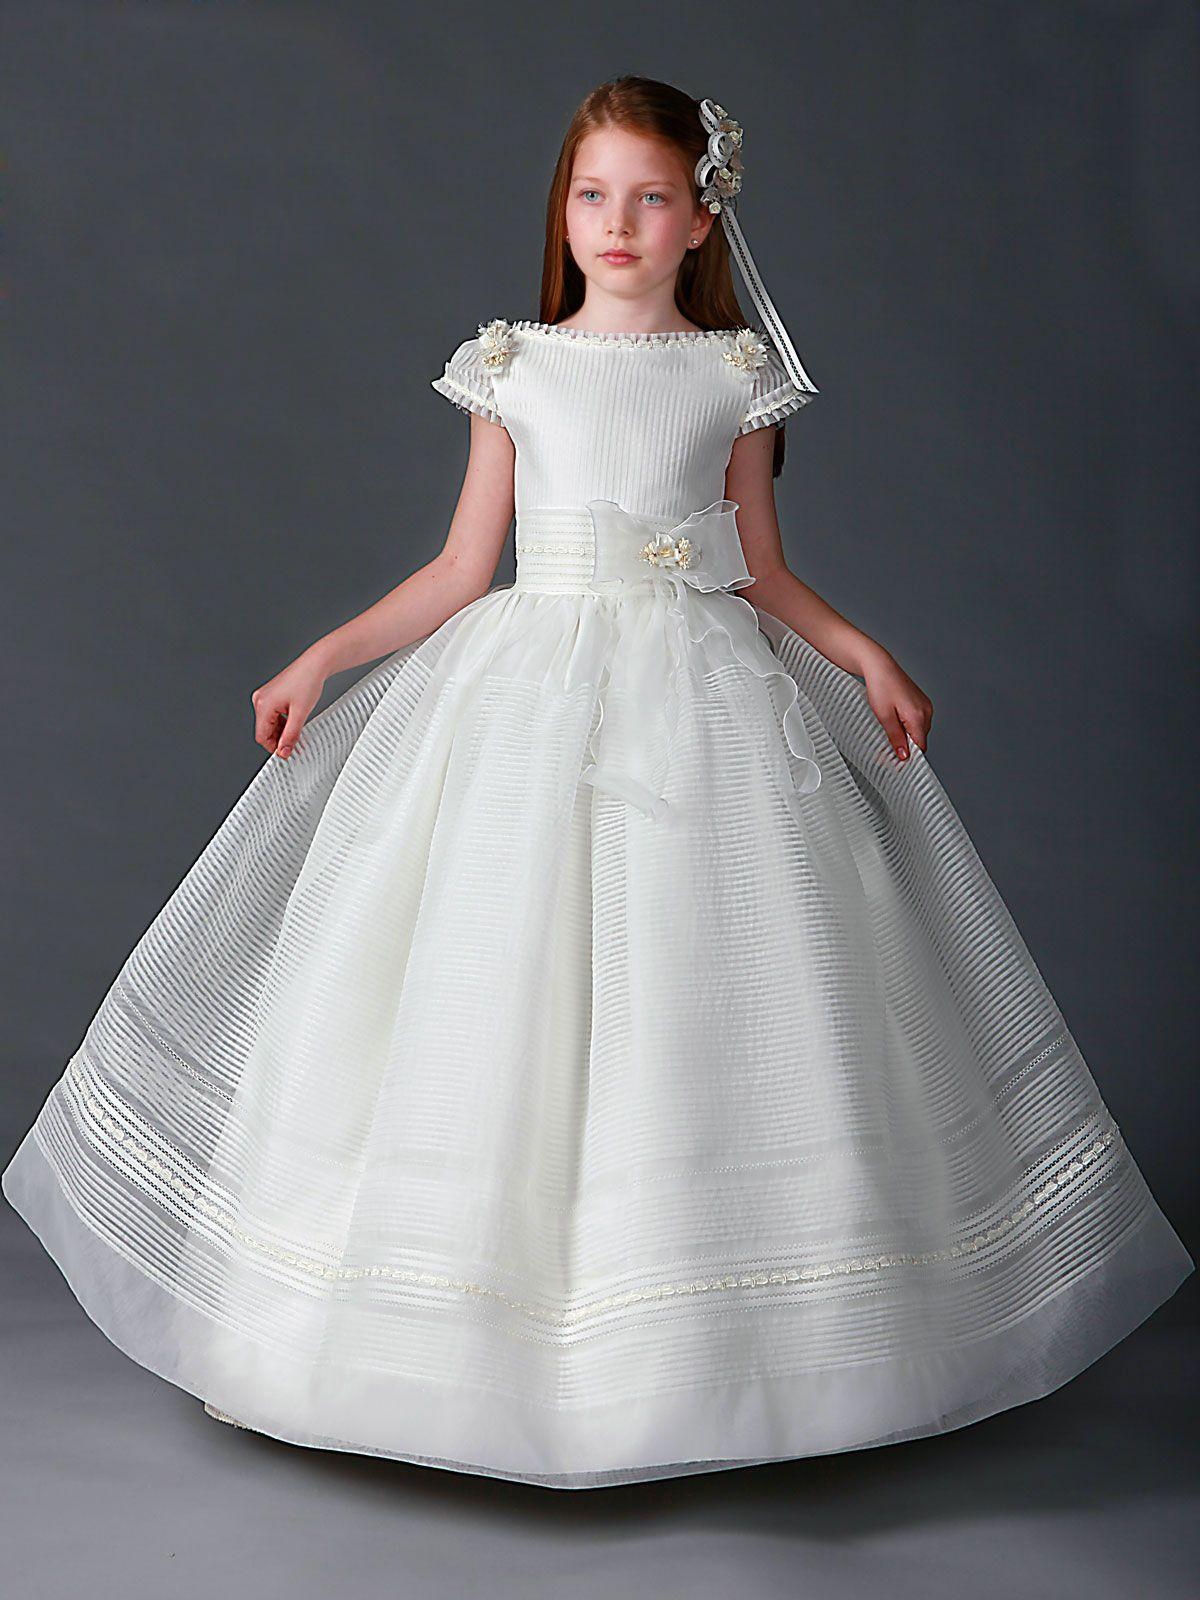 3877ad4001 Modelos de Vestidos de Fiesta para Bebes hermosos